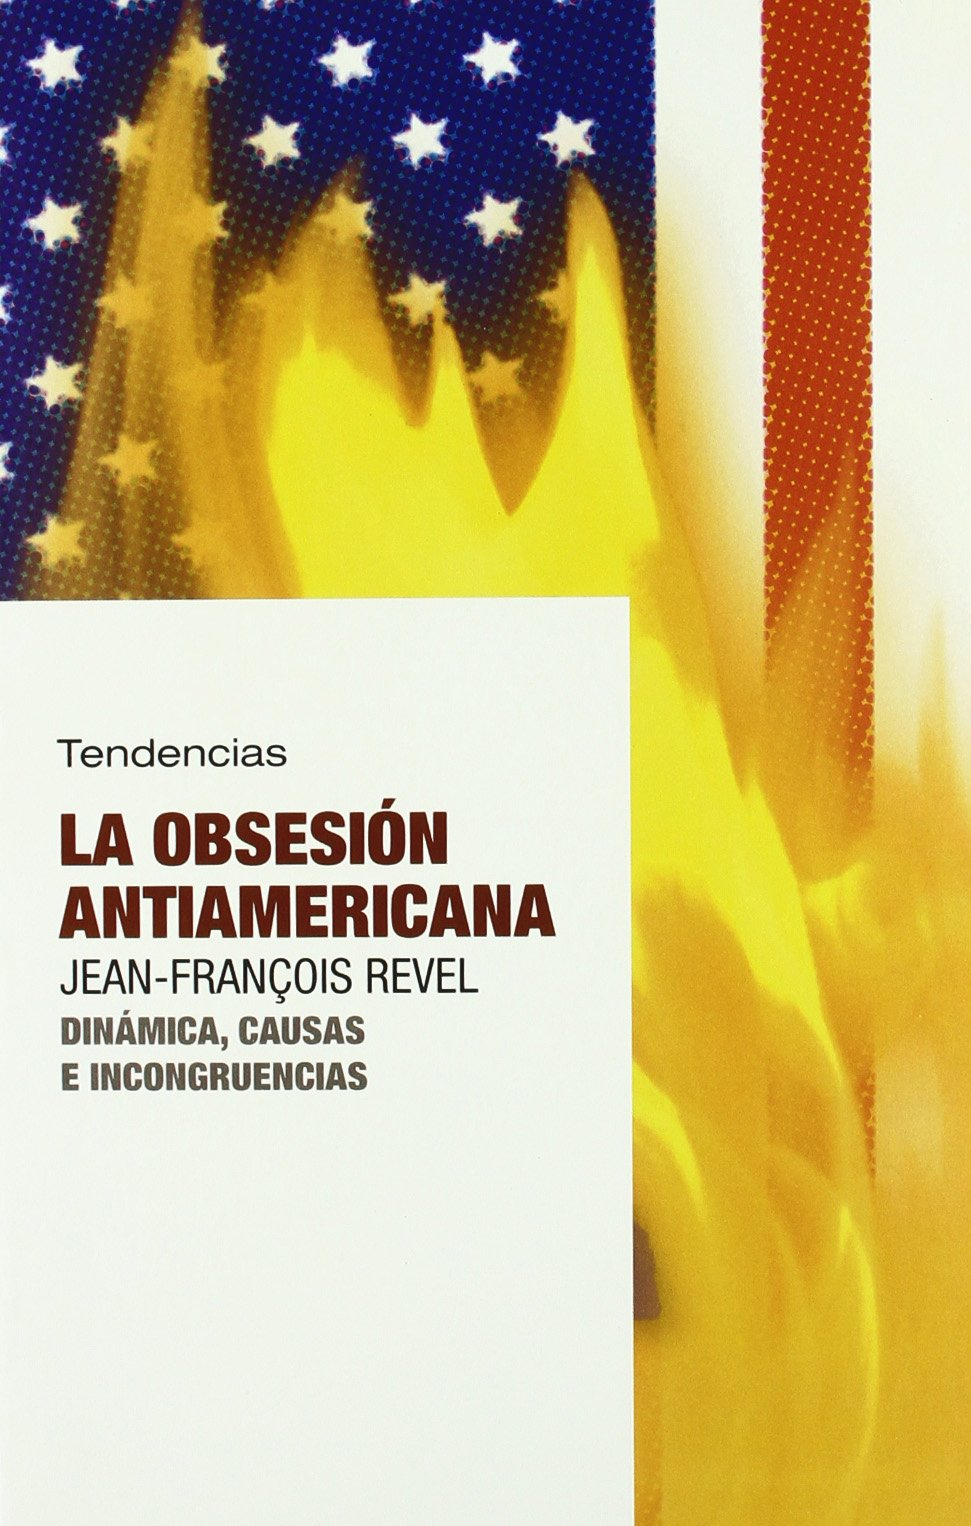 La obsesión antiamericana (Tendencias)